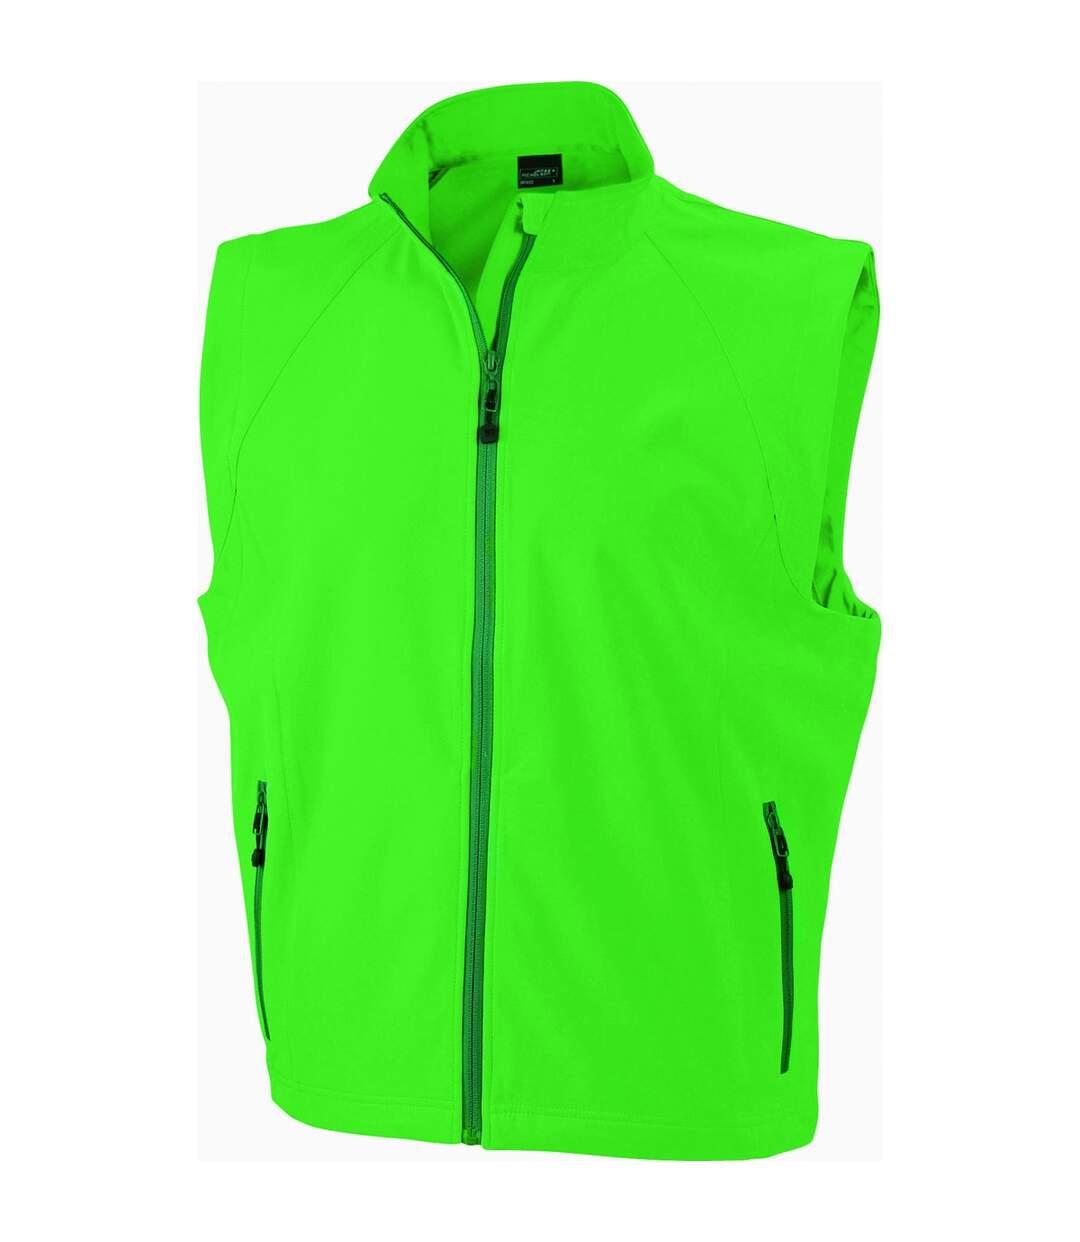 Gilet sans manches softshell coupe-vent imperméable - JN1022 - vert - homme